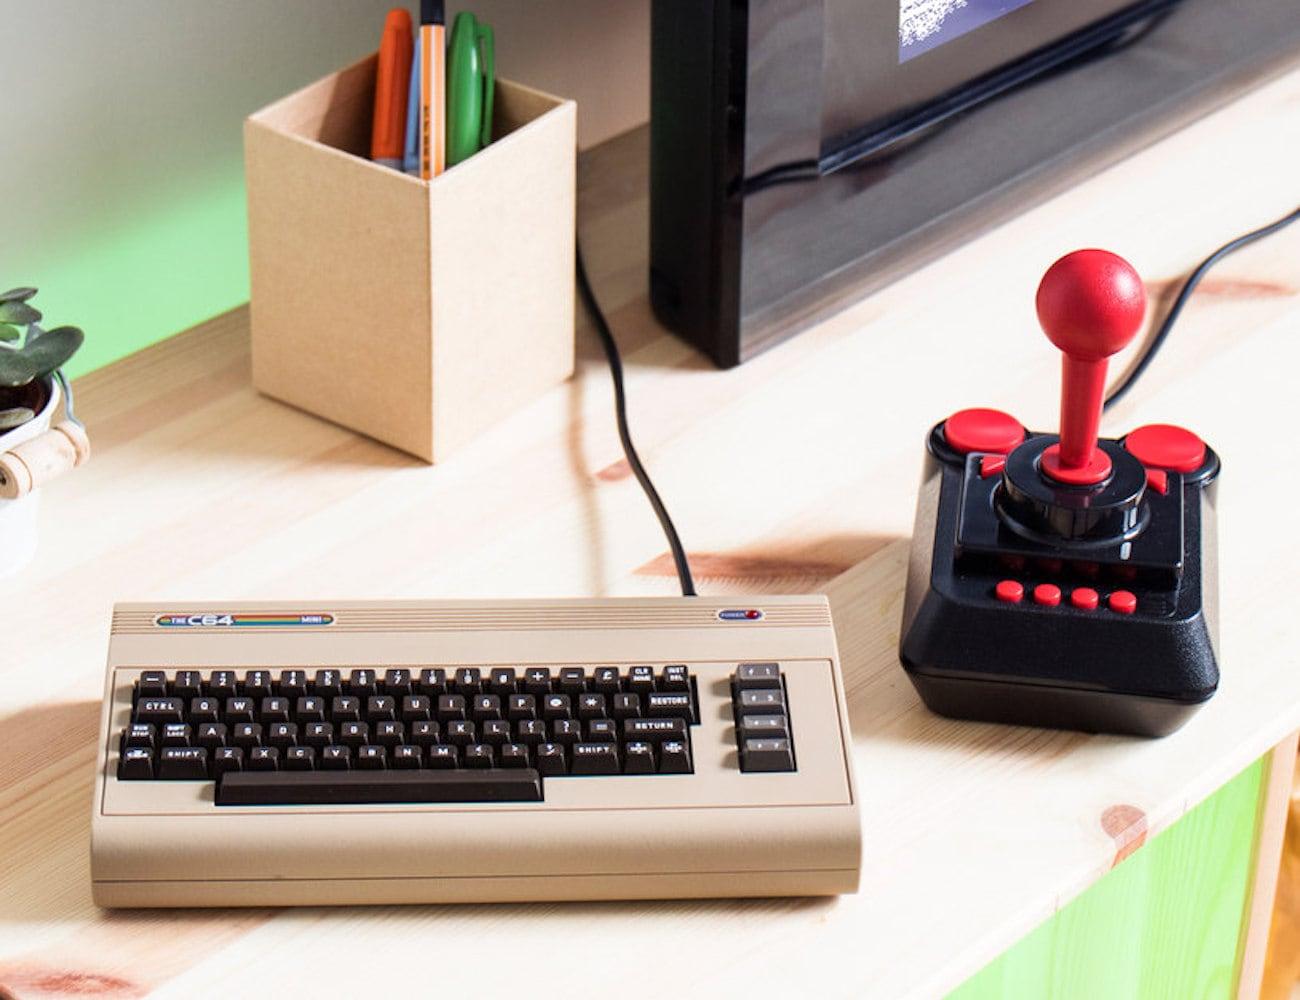 Commodore 64 Mini Retro Games System